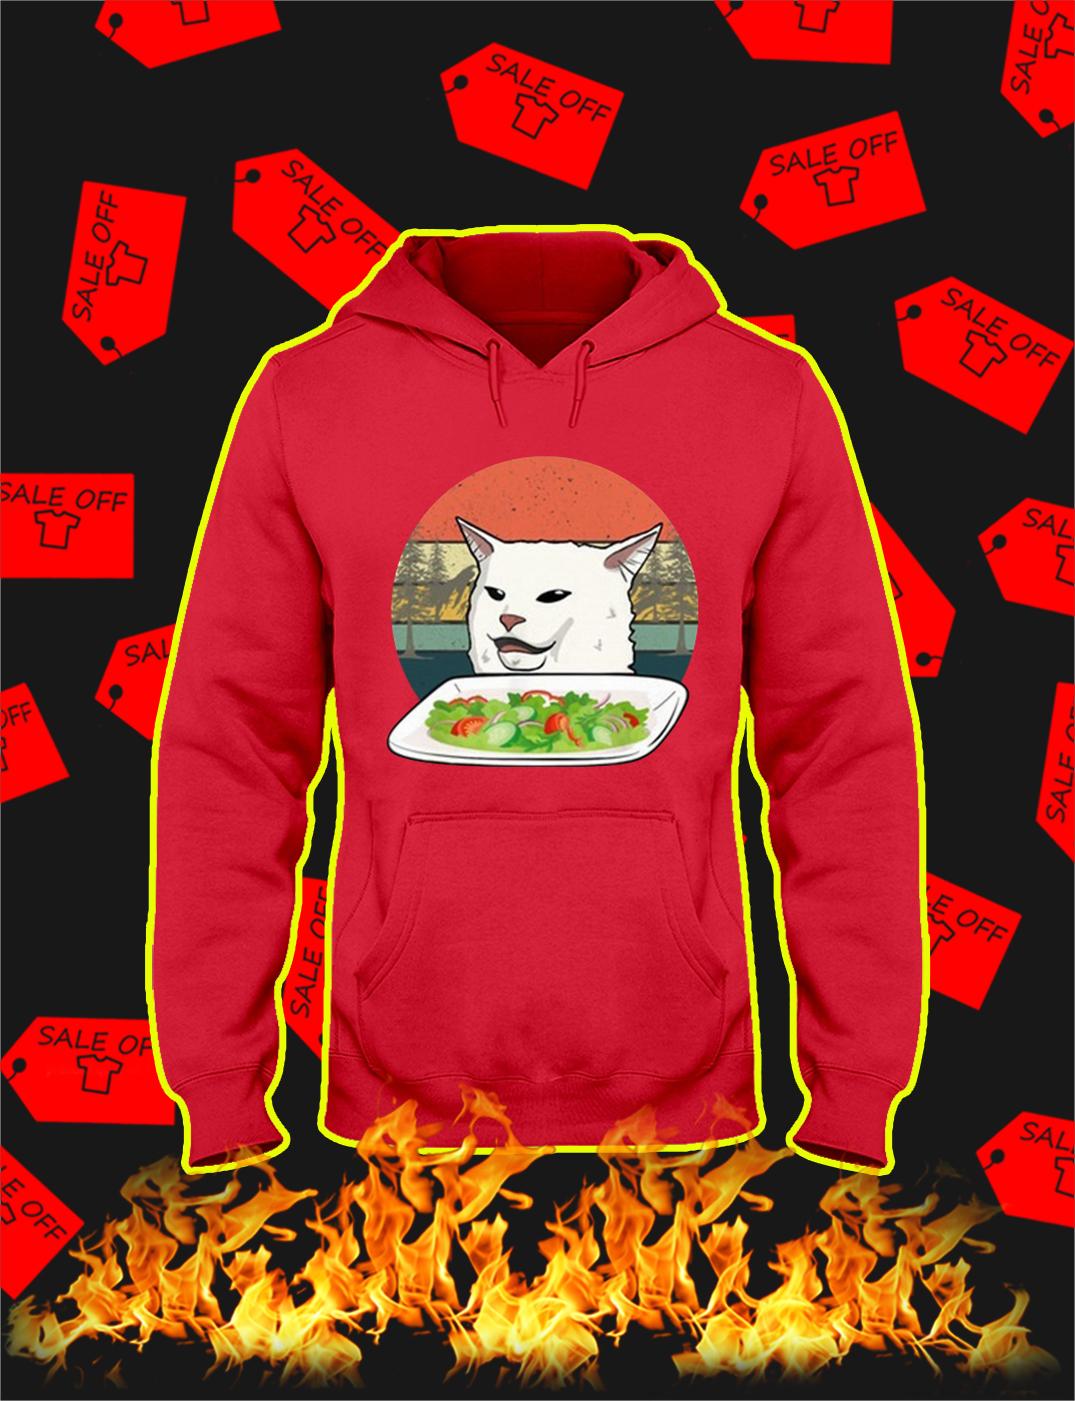 Smudge the Cat Meme Vintage hoodie